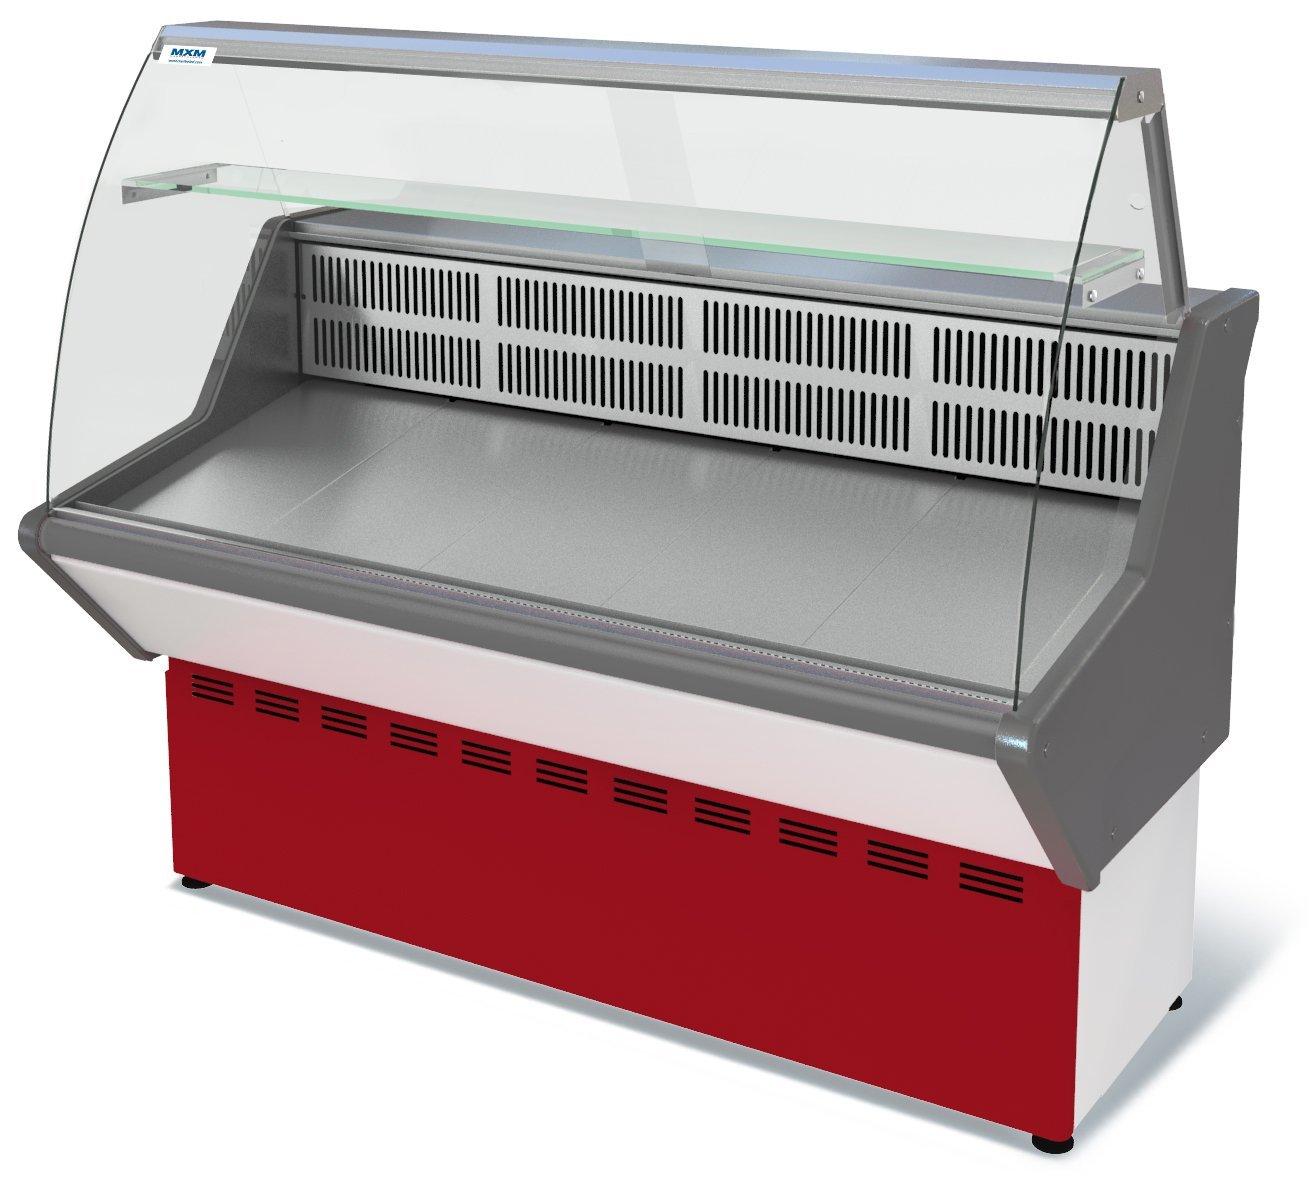 Витрина холодильная Марихолодмаш Нова ВХС - 1,2 (красная) с гнутым стеклом нержавейка